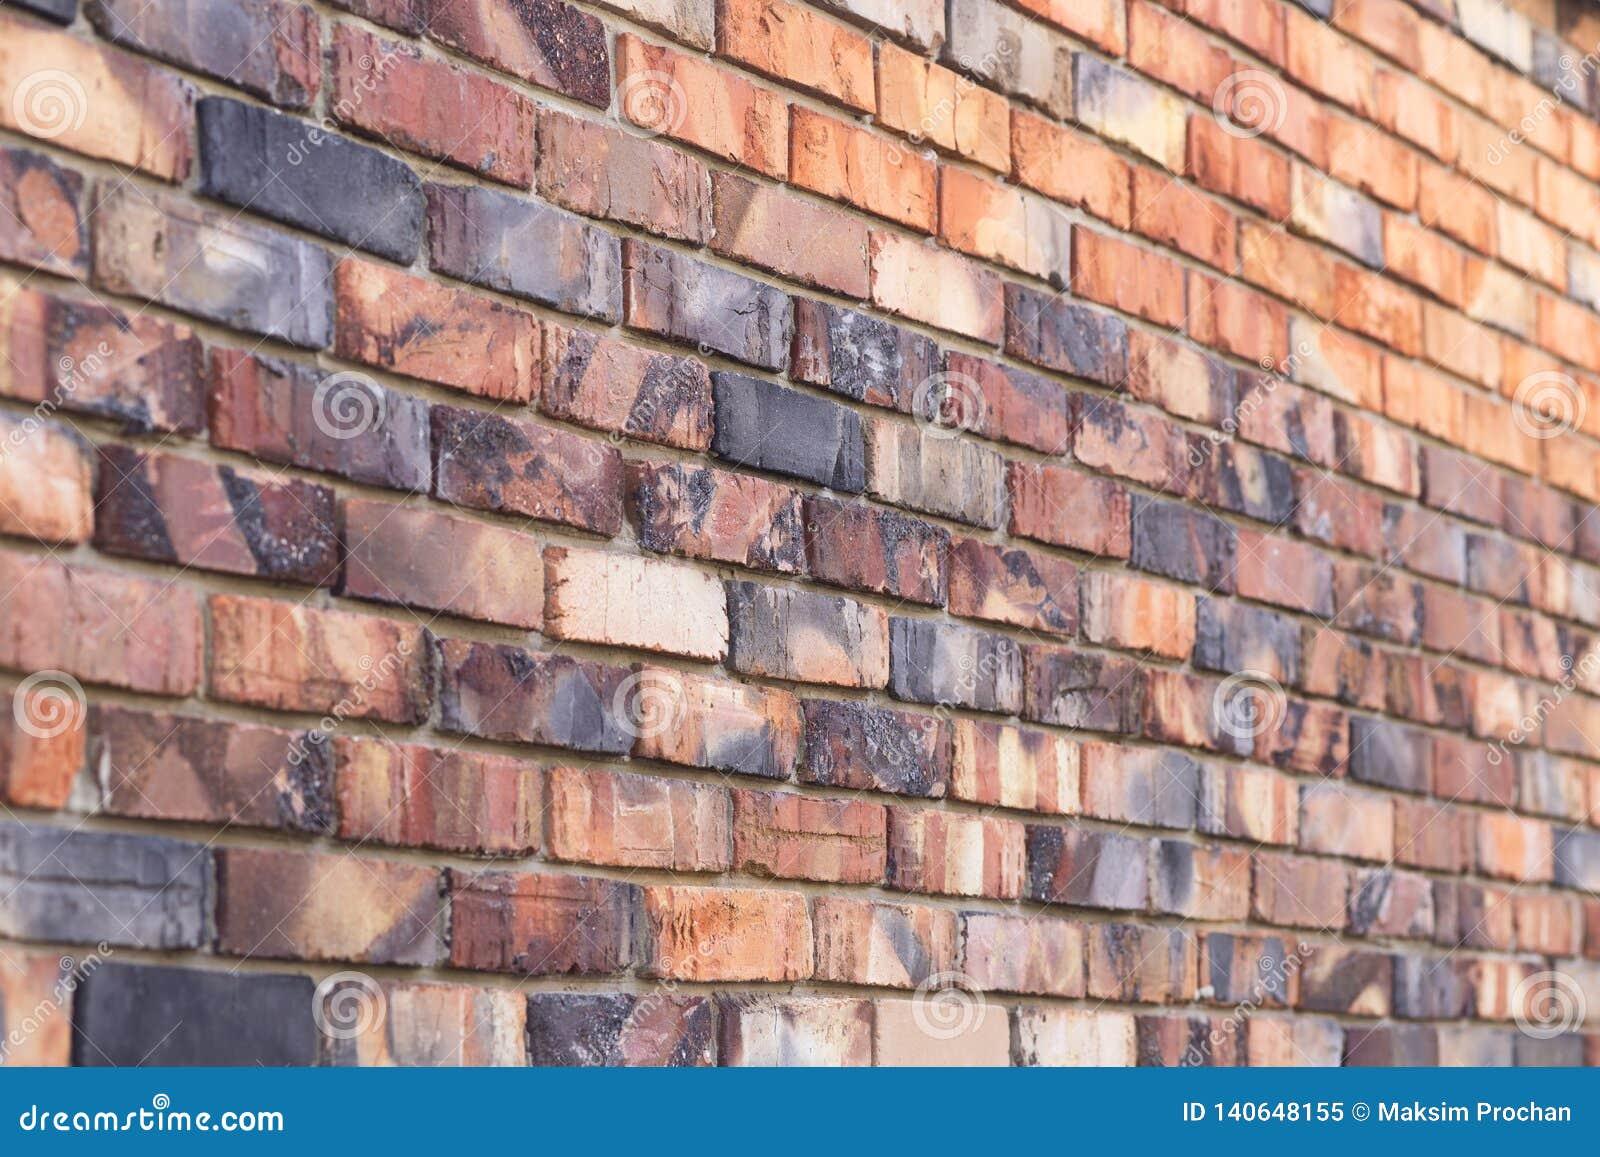 Texture de fond de mur de briques brûlé rouge, maison de maçonnerie